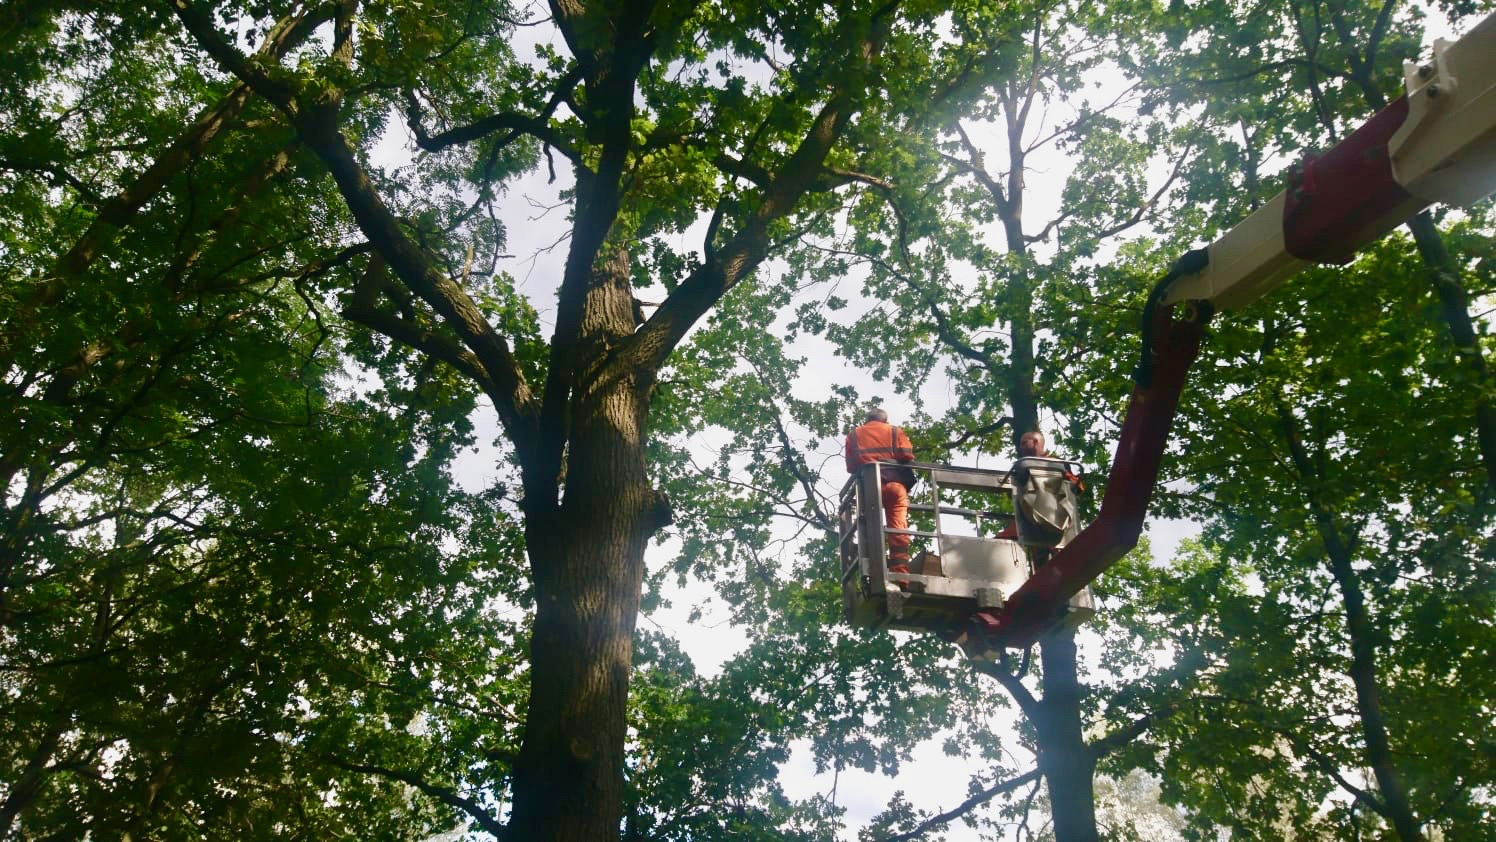 Anbringen der Waldkauz-Nistkästen in Bühlow durch die Firma Baumpflege Jens Balkow aus Drieschnitz